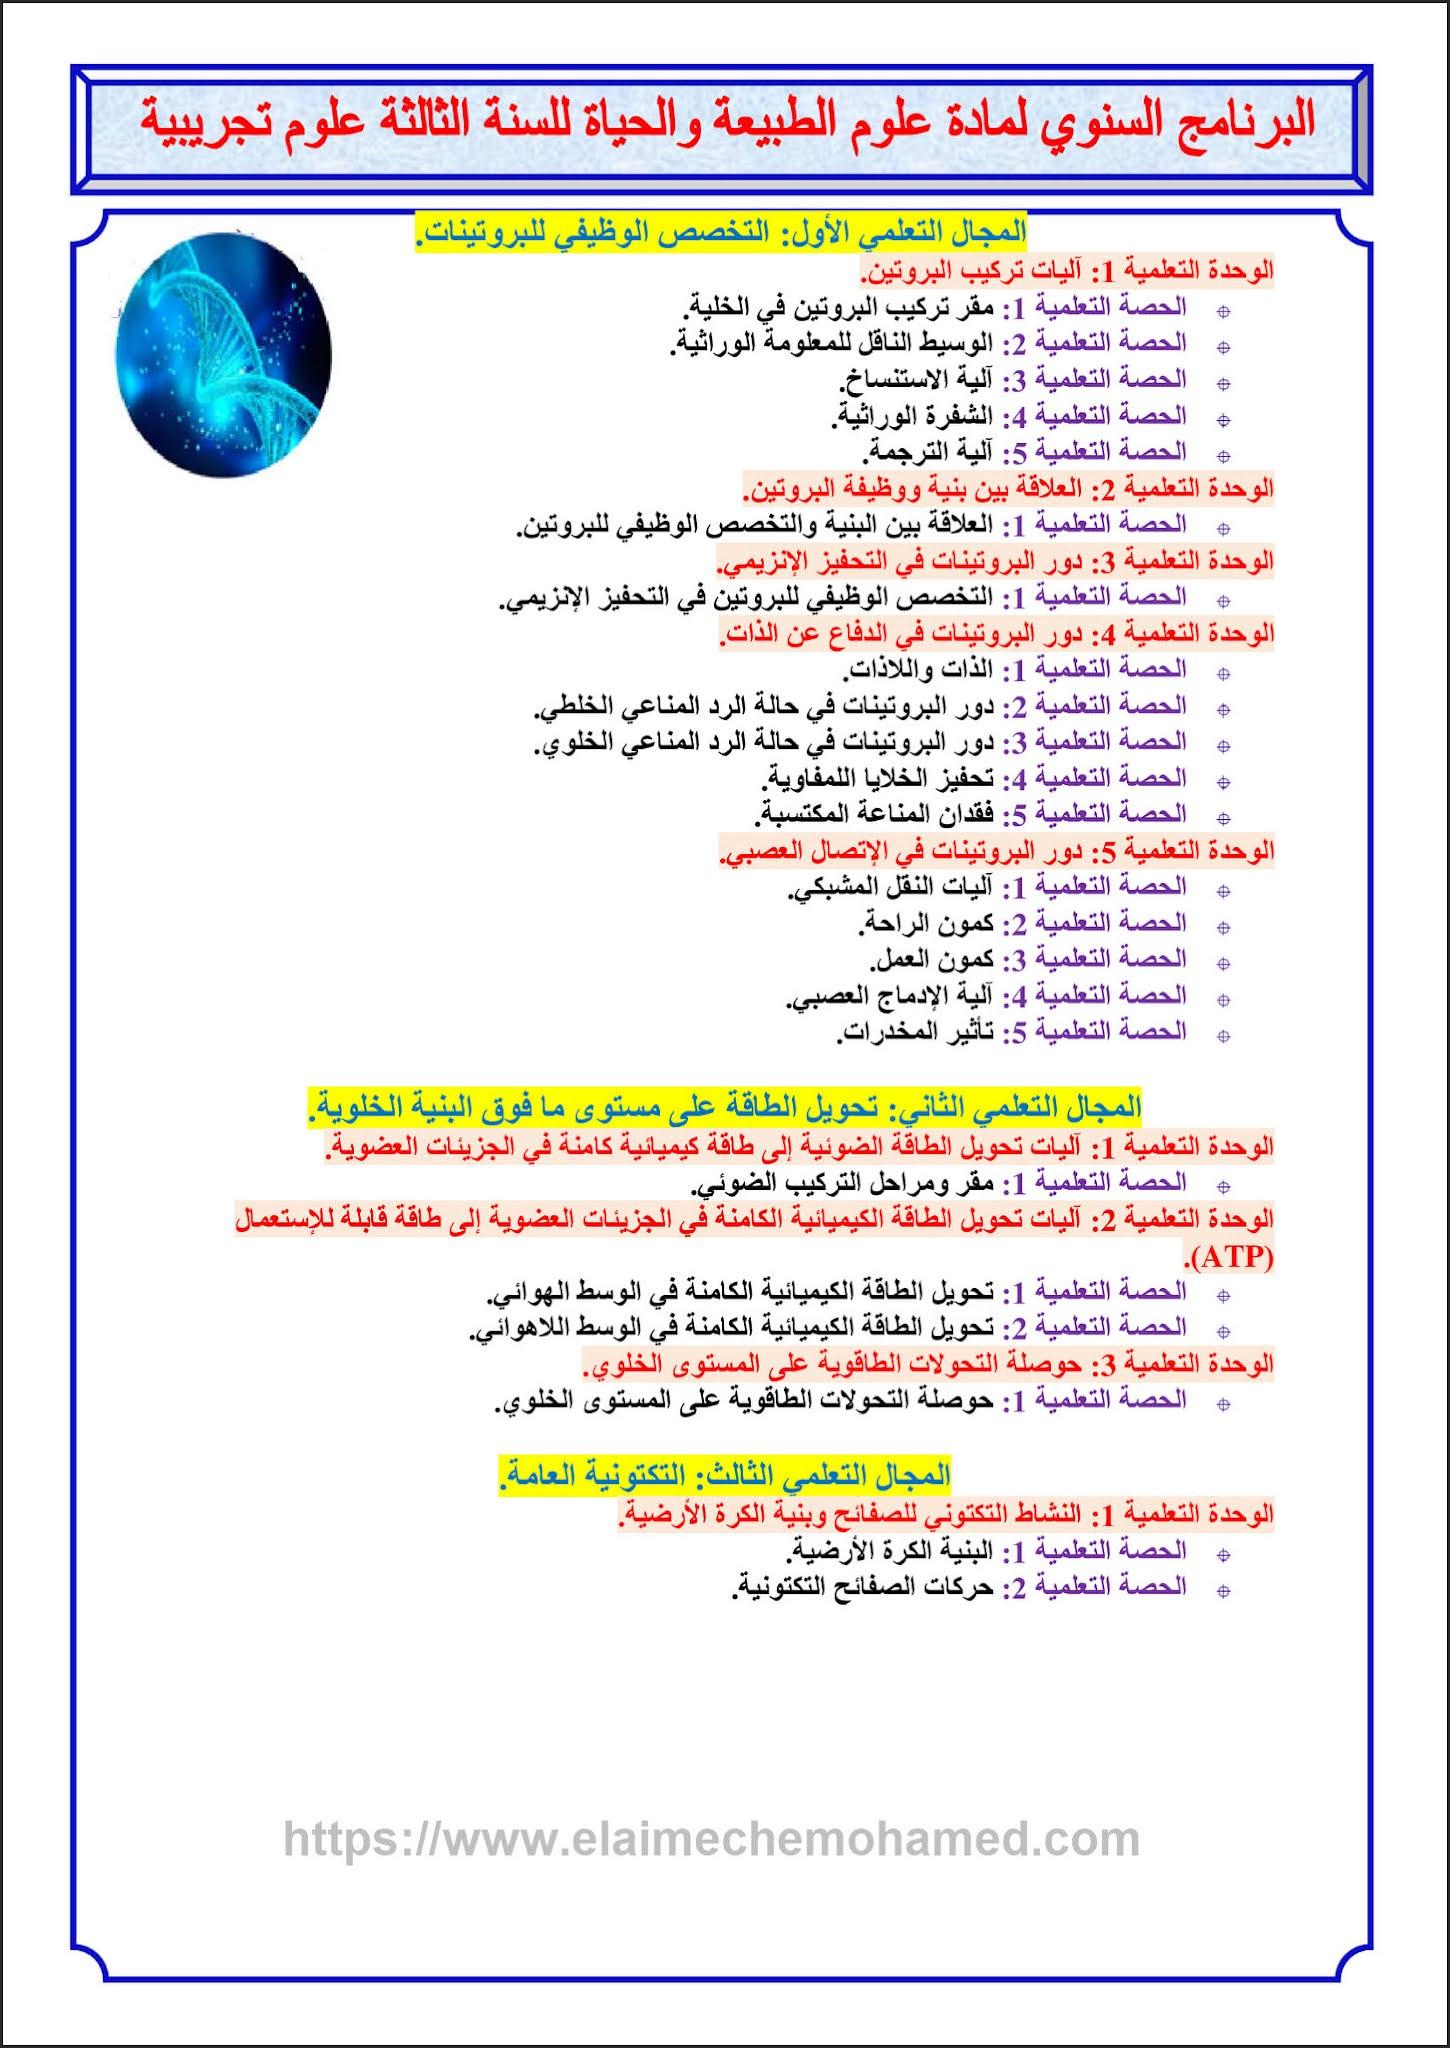 التوزيع السنوي الخاص بأقسام نهائي علوم لمادة علوم الطبيعة والحياة